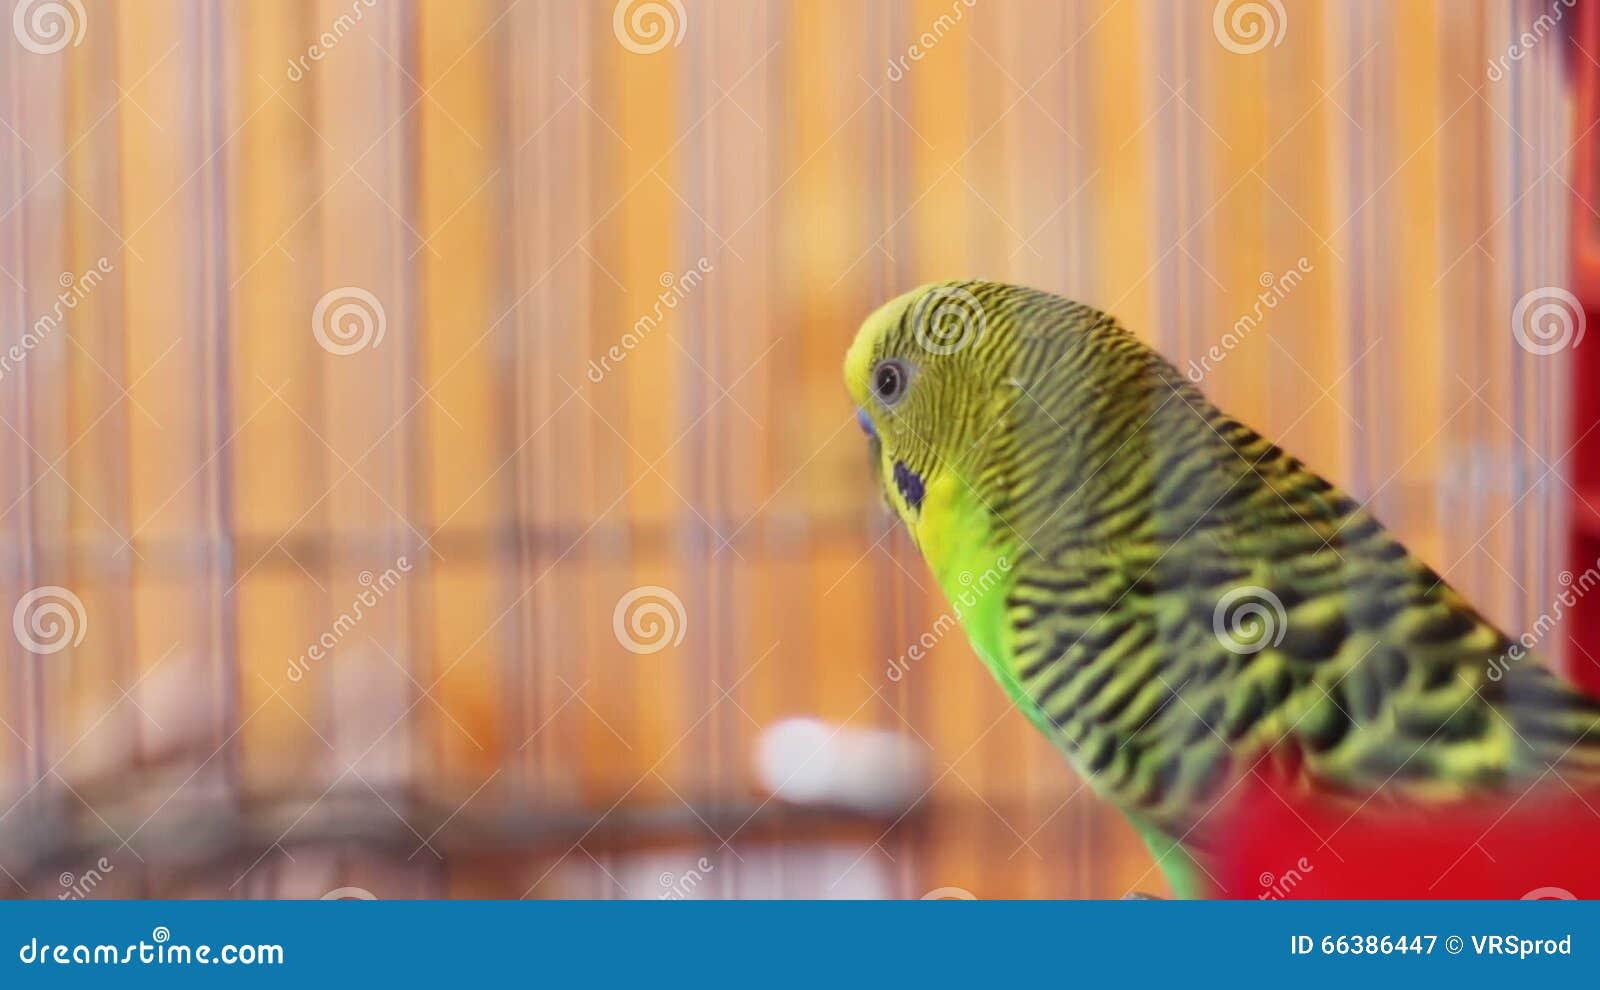 Vogelkooi In Huis : Waar kan ik de vogelkooi voor mijn grasparkiet het bestu beest